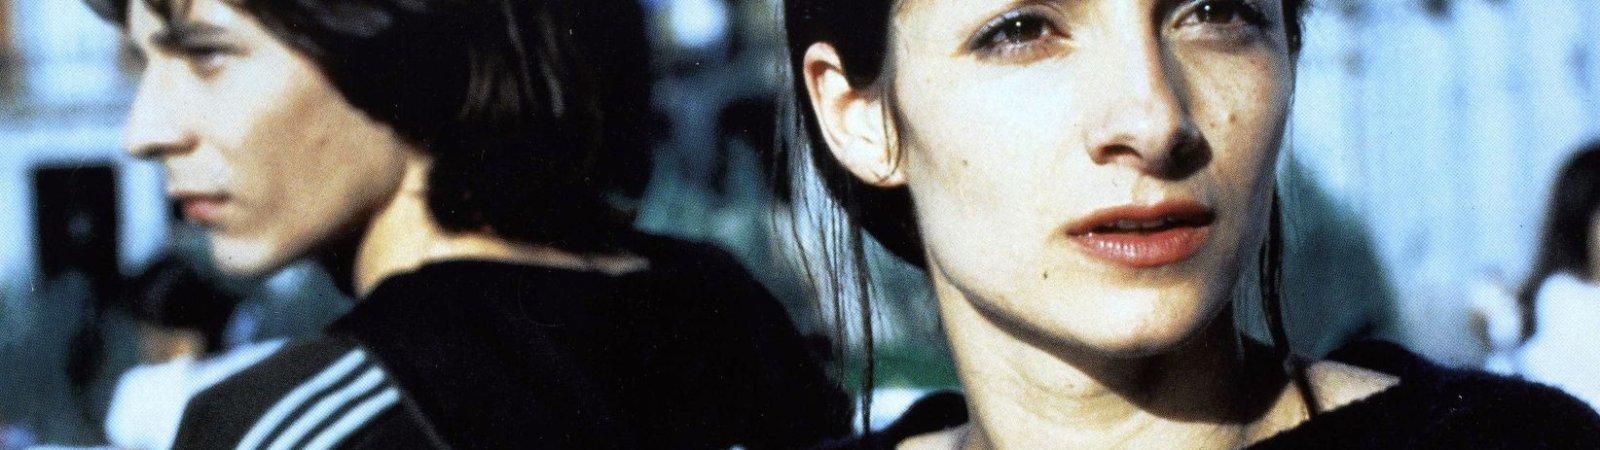 Photo du film : Les amants du cercle polaire